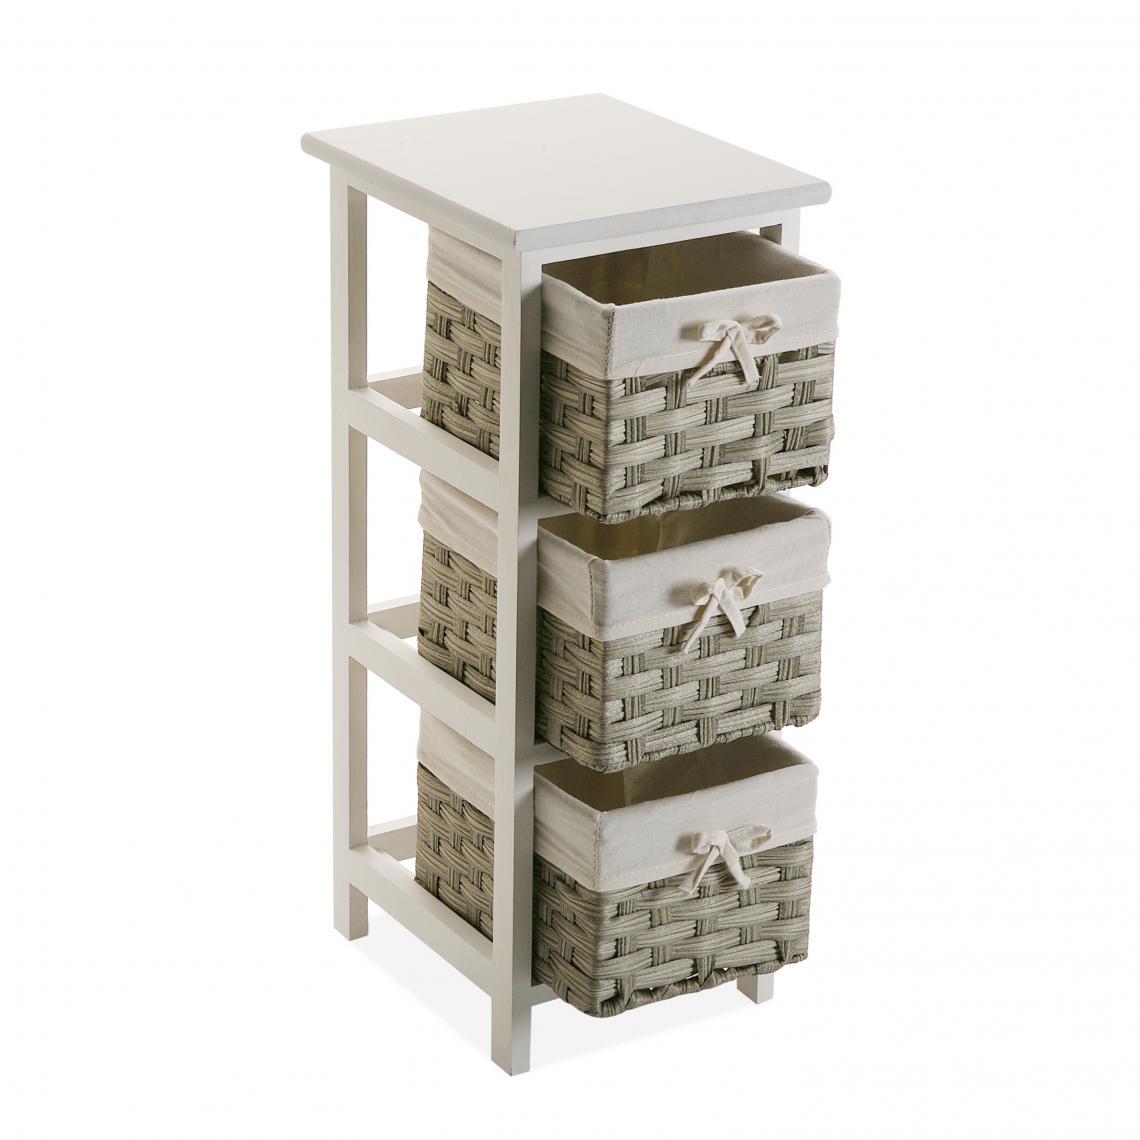 Meuble De Rangement Blanc Avec 3 Paniers Imprimés Beige Balta Plus De  Détails dedans 3 Suisses Meuble Salle De Bain